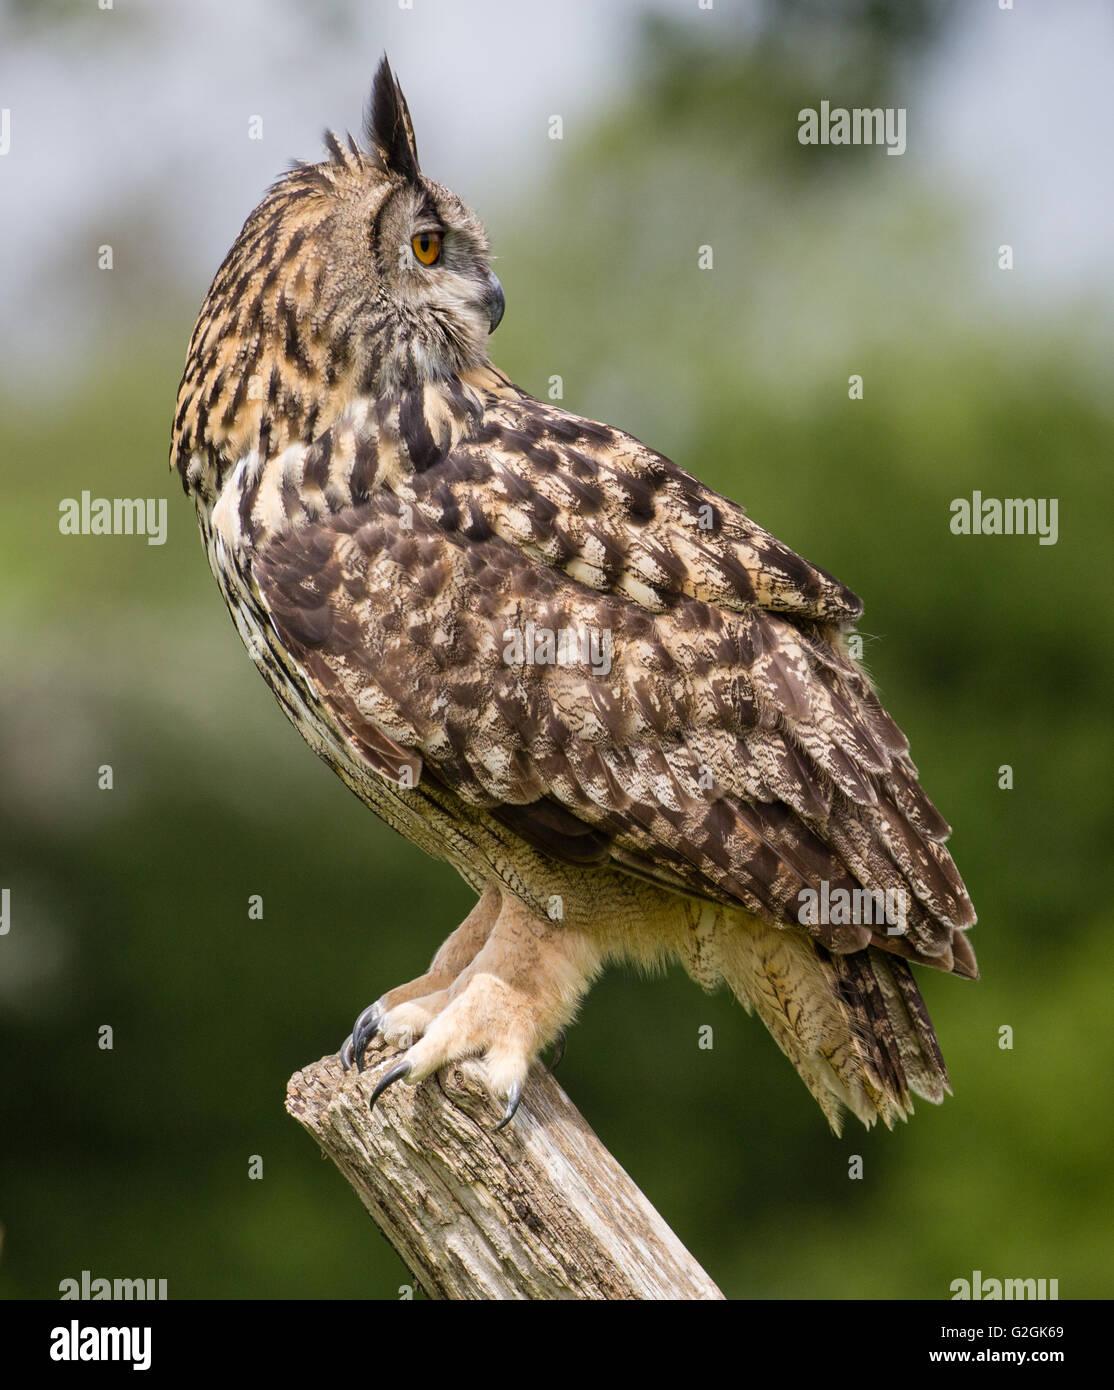 Búho Real Bubo bubo, demostrando su capacidad de girar su cabeza 180 grados y mirar atrás - pájaros Imagen De Stock